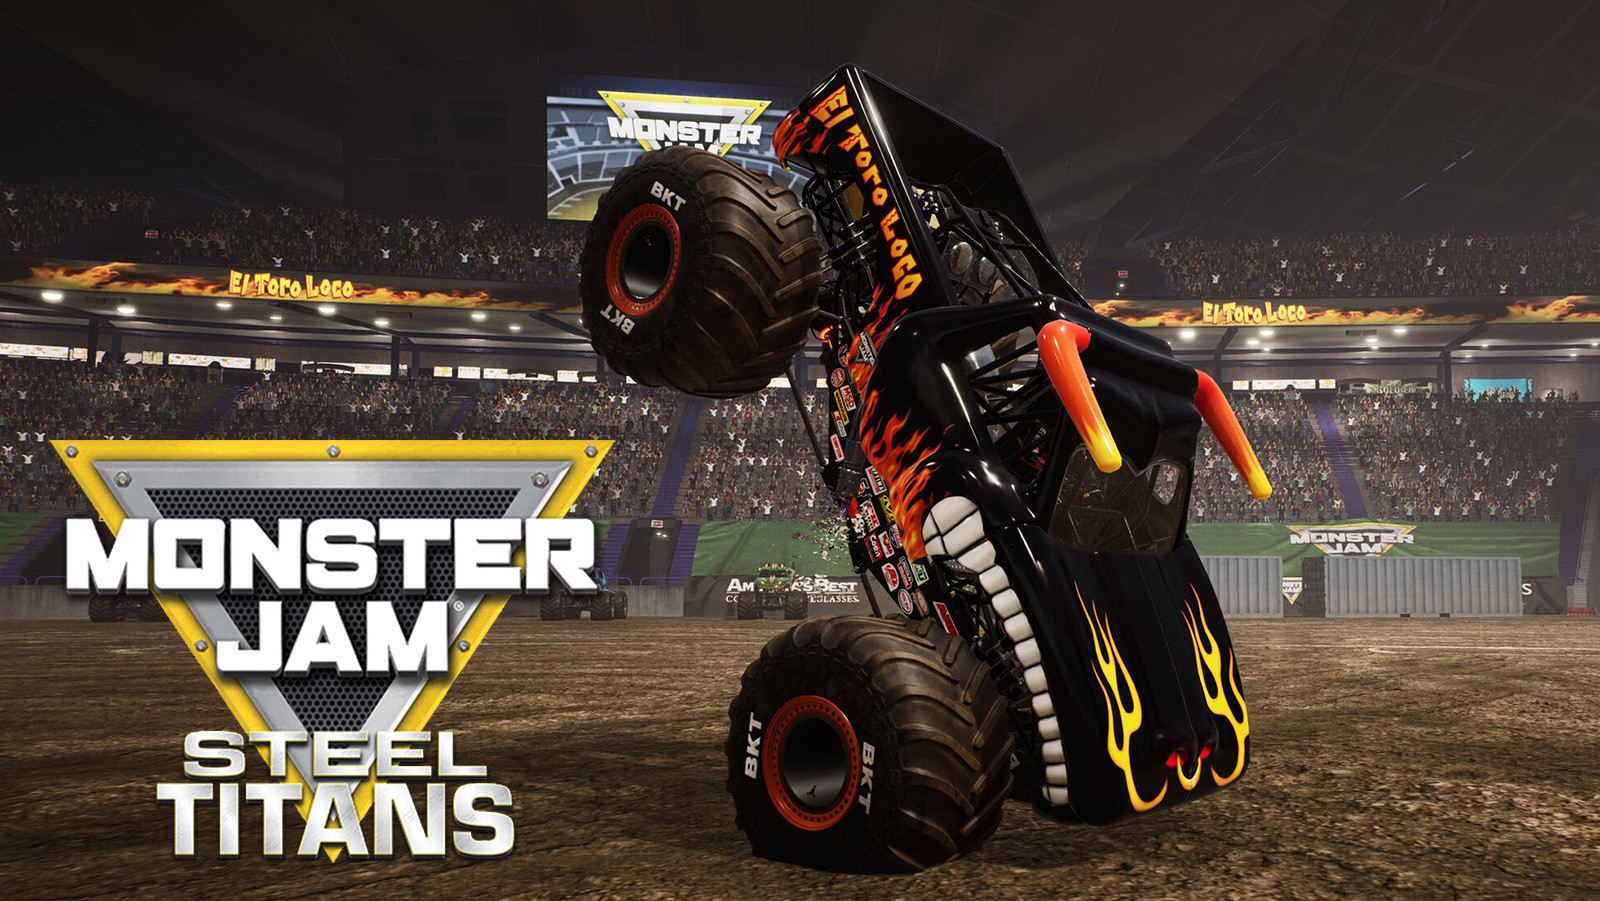 Monster Jam Steel Titans - Video Game